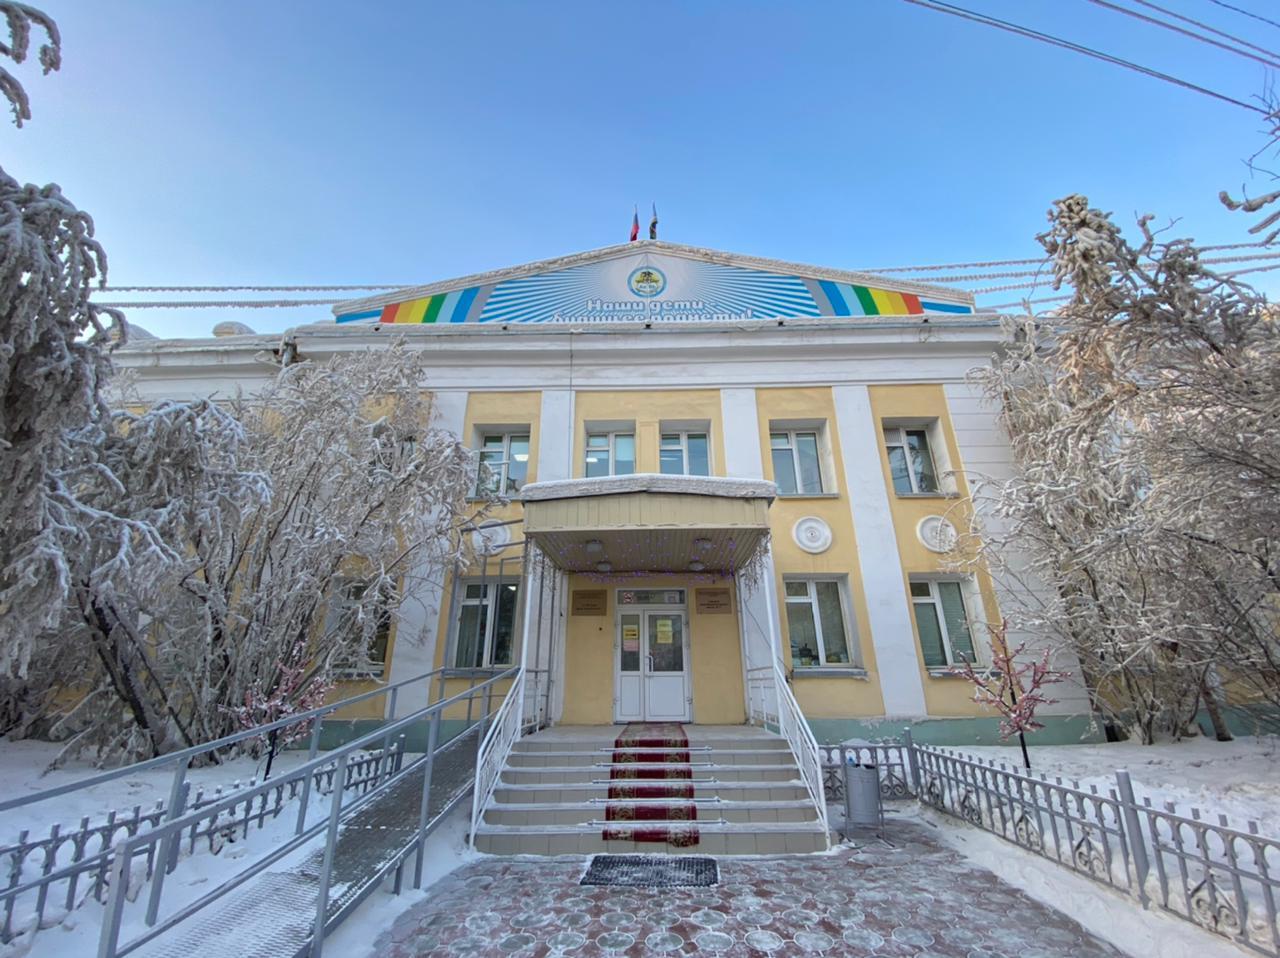 Мэрия Якутска предложила варианты размещения учеников СОШ № 1